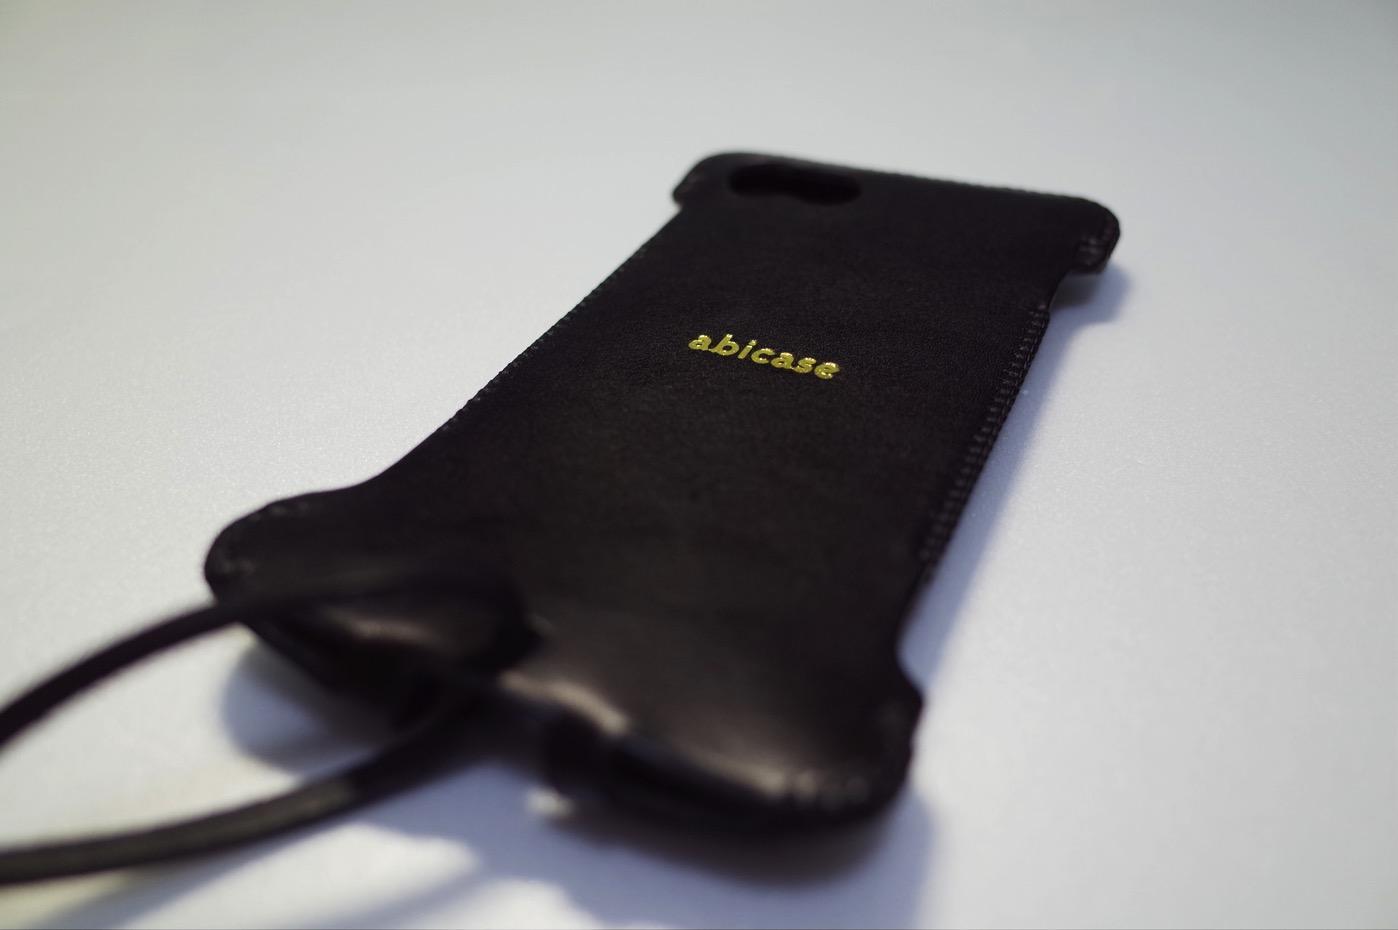 [iPhone]新型iPhone 7 ジェットブラック 256GBを大切に包み込み職人技が際立つabicaseが届いたよ